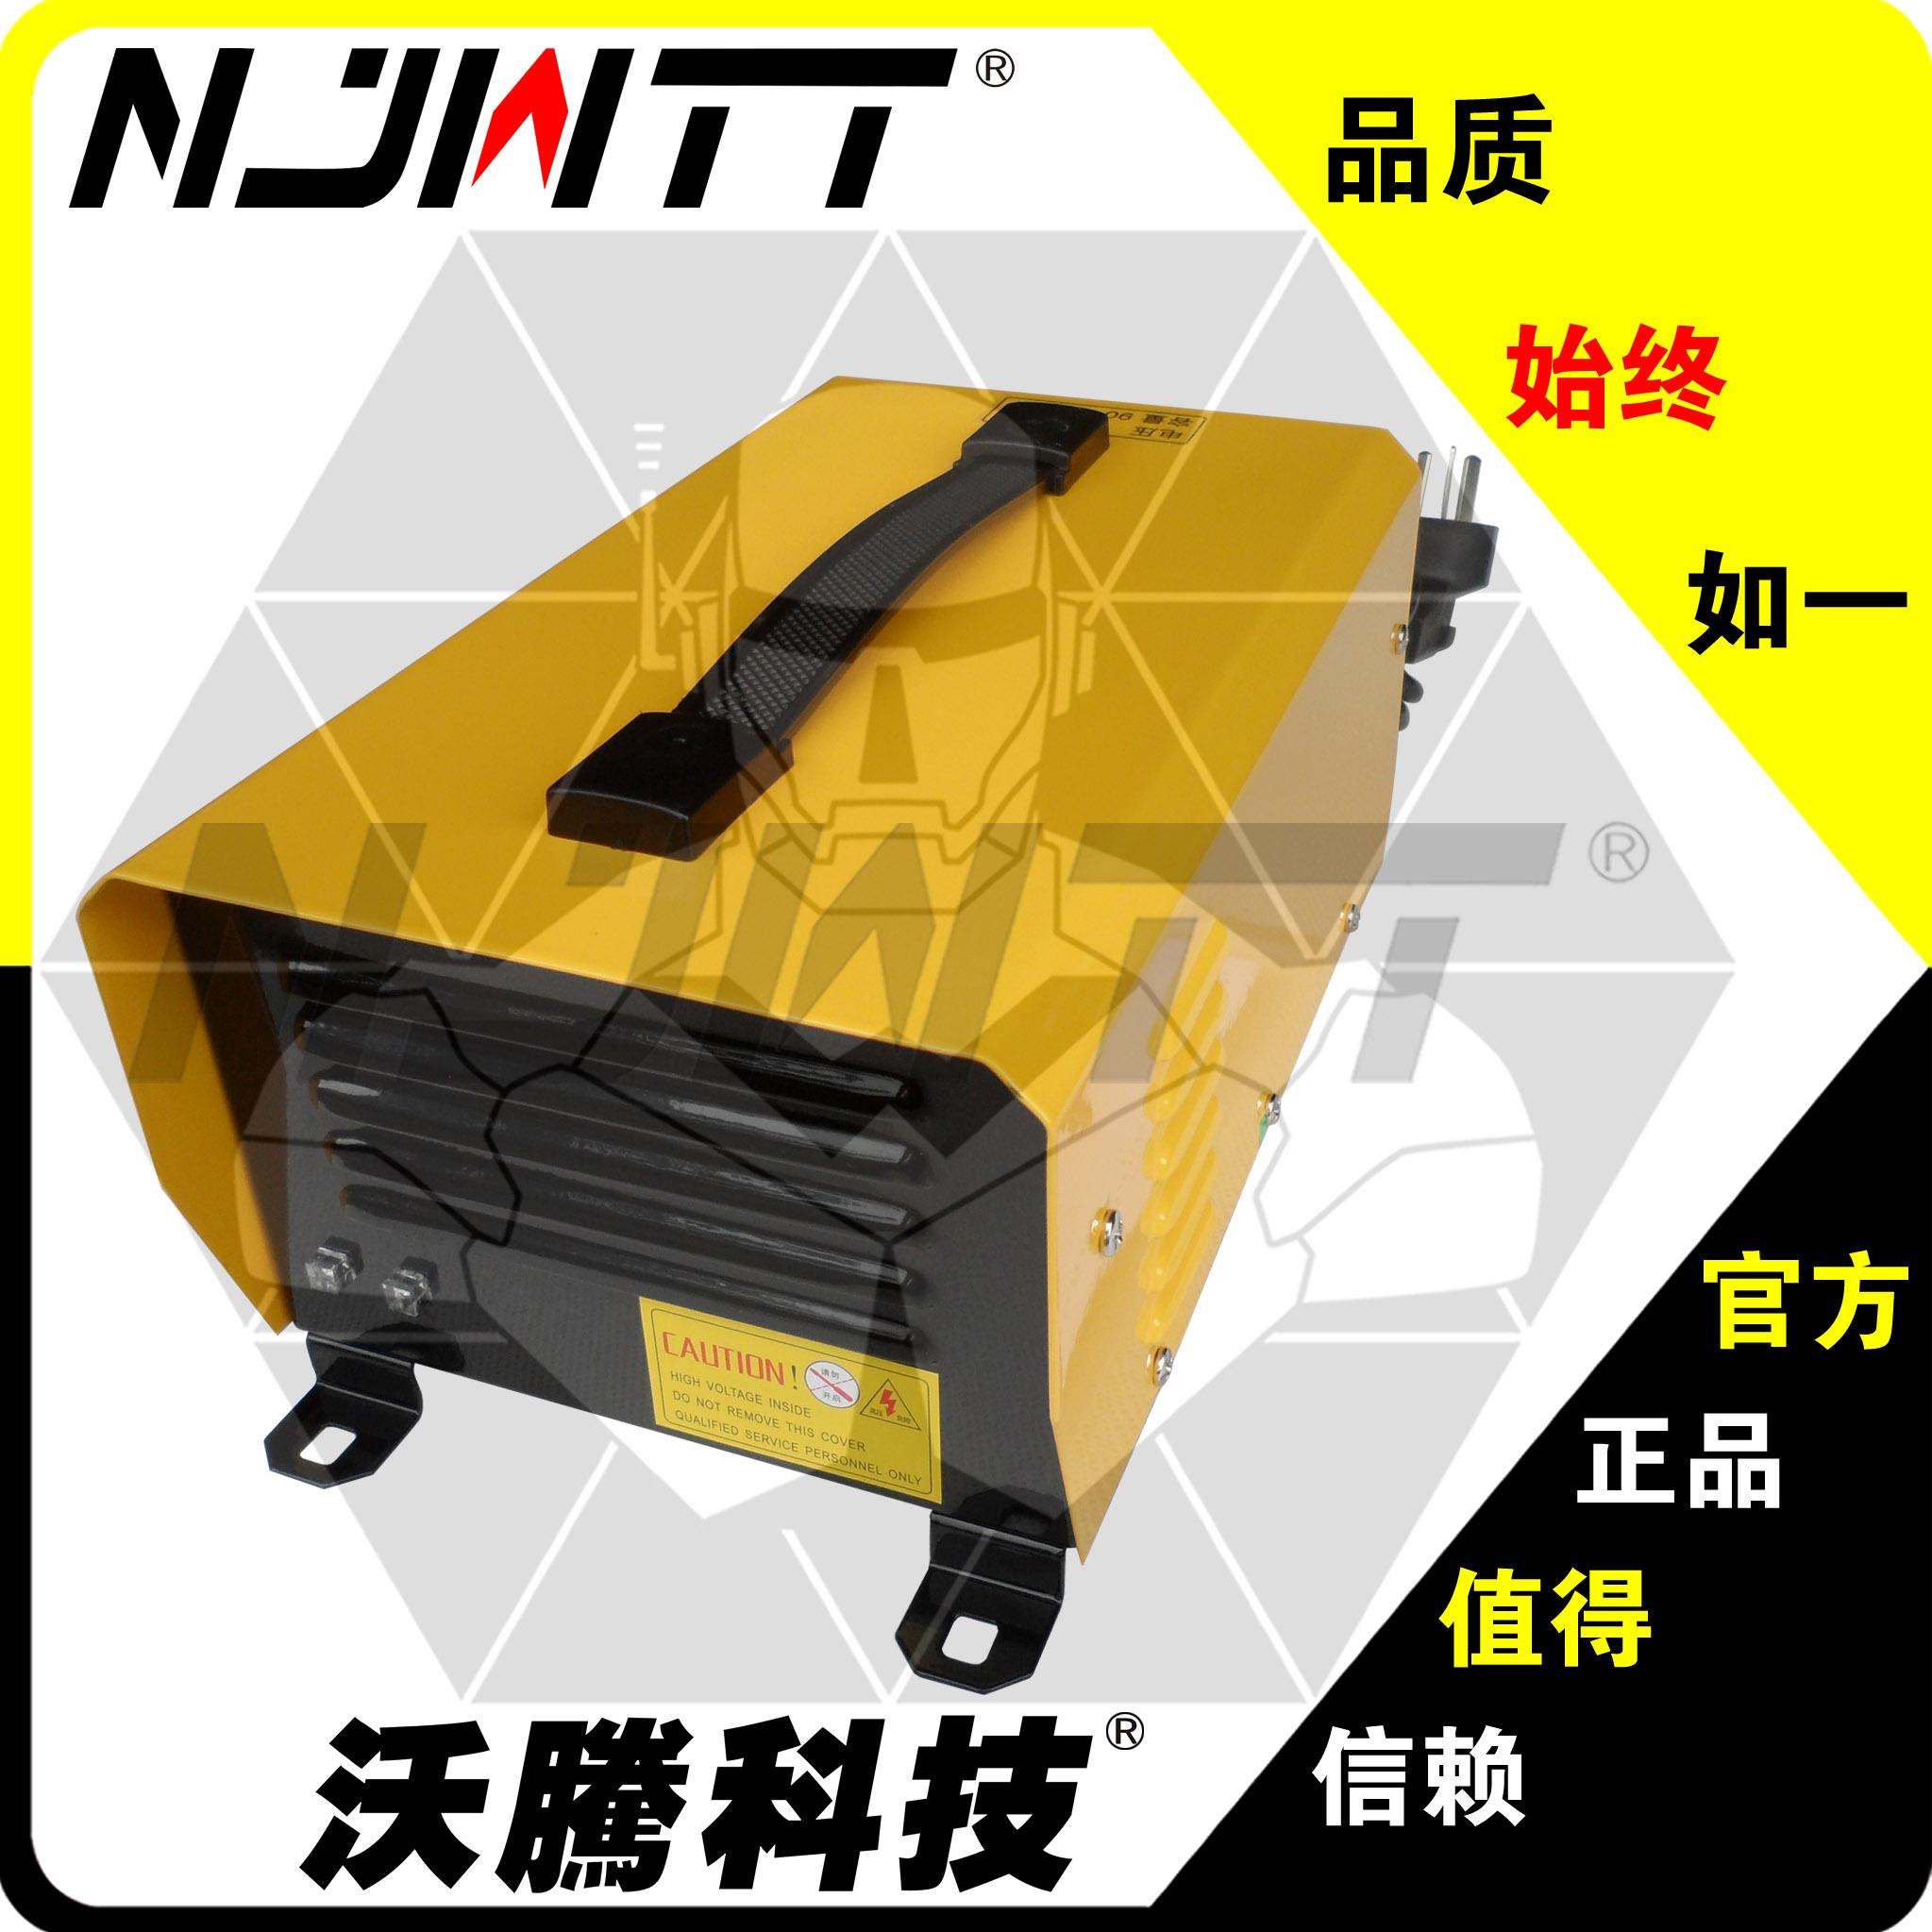 供应72v电池充电机